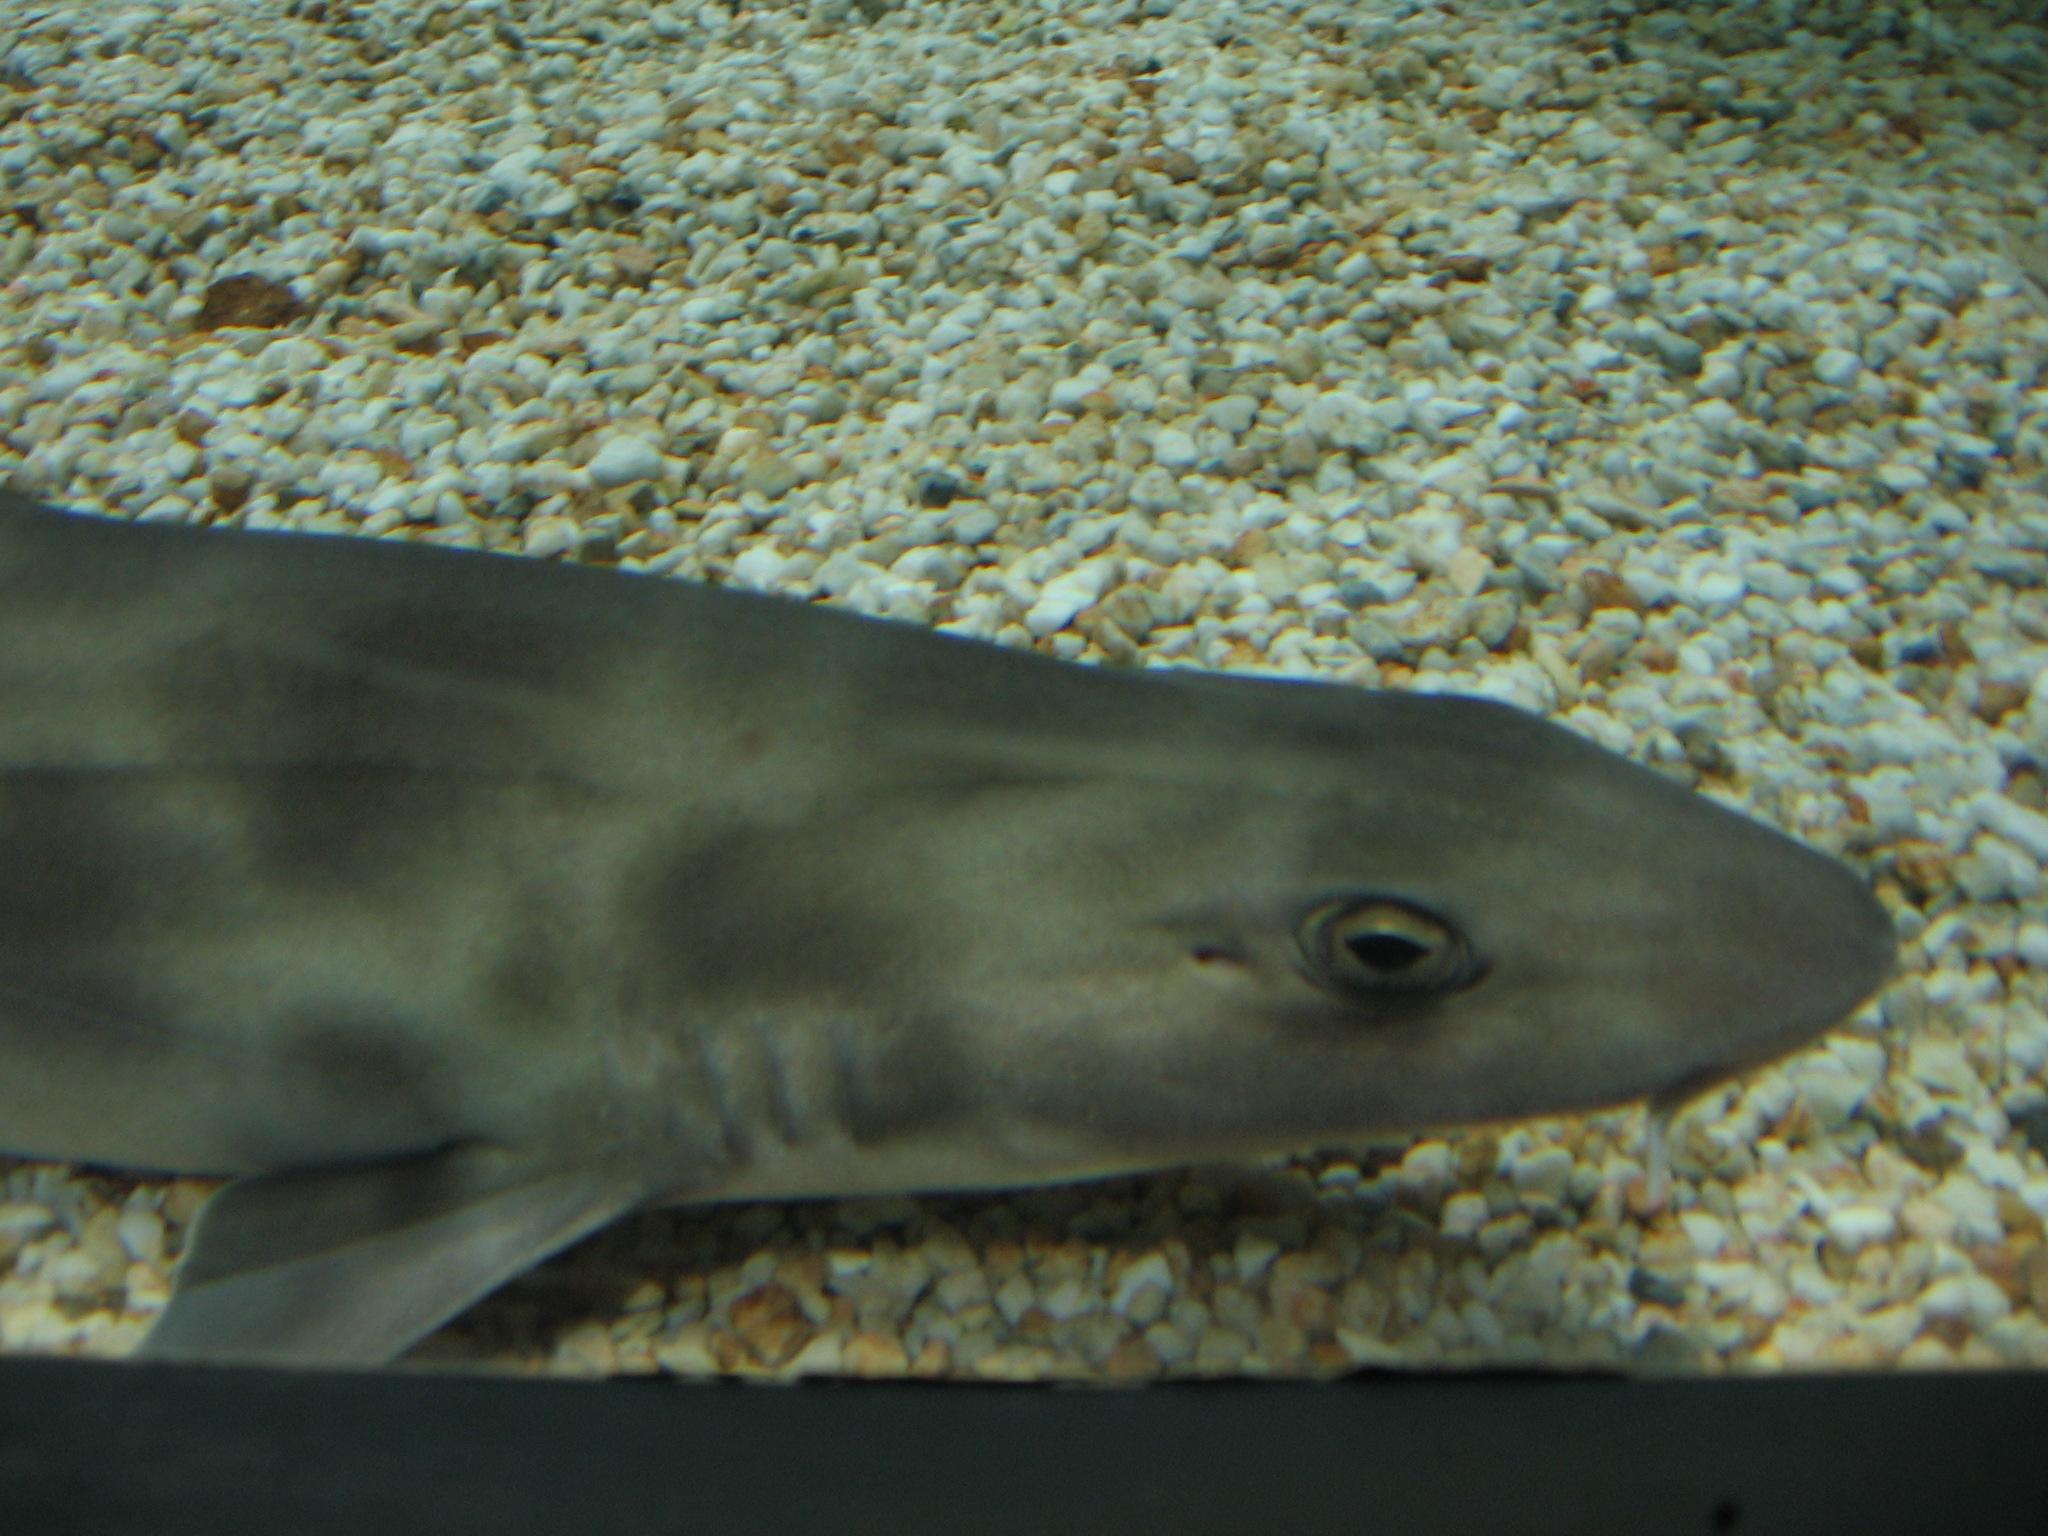 Shark melbourne aquarium.jpg